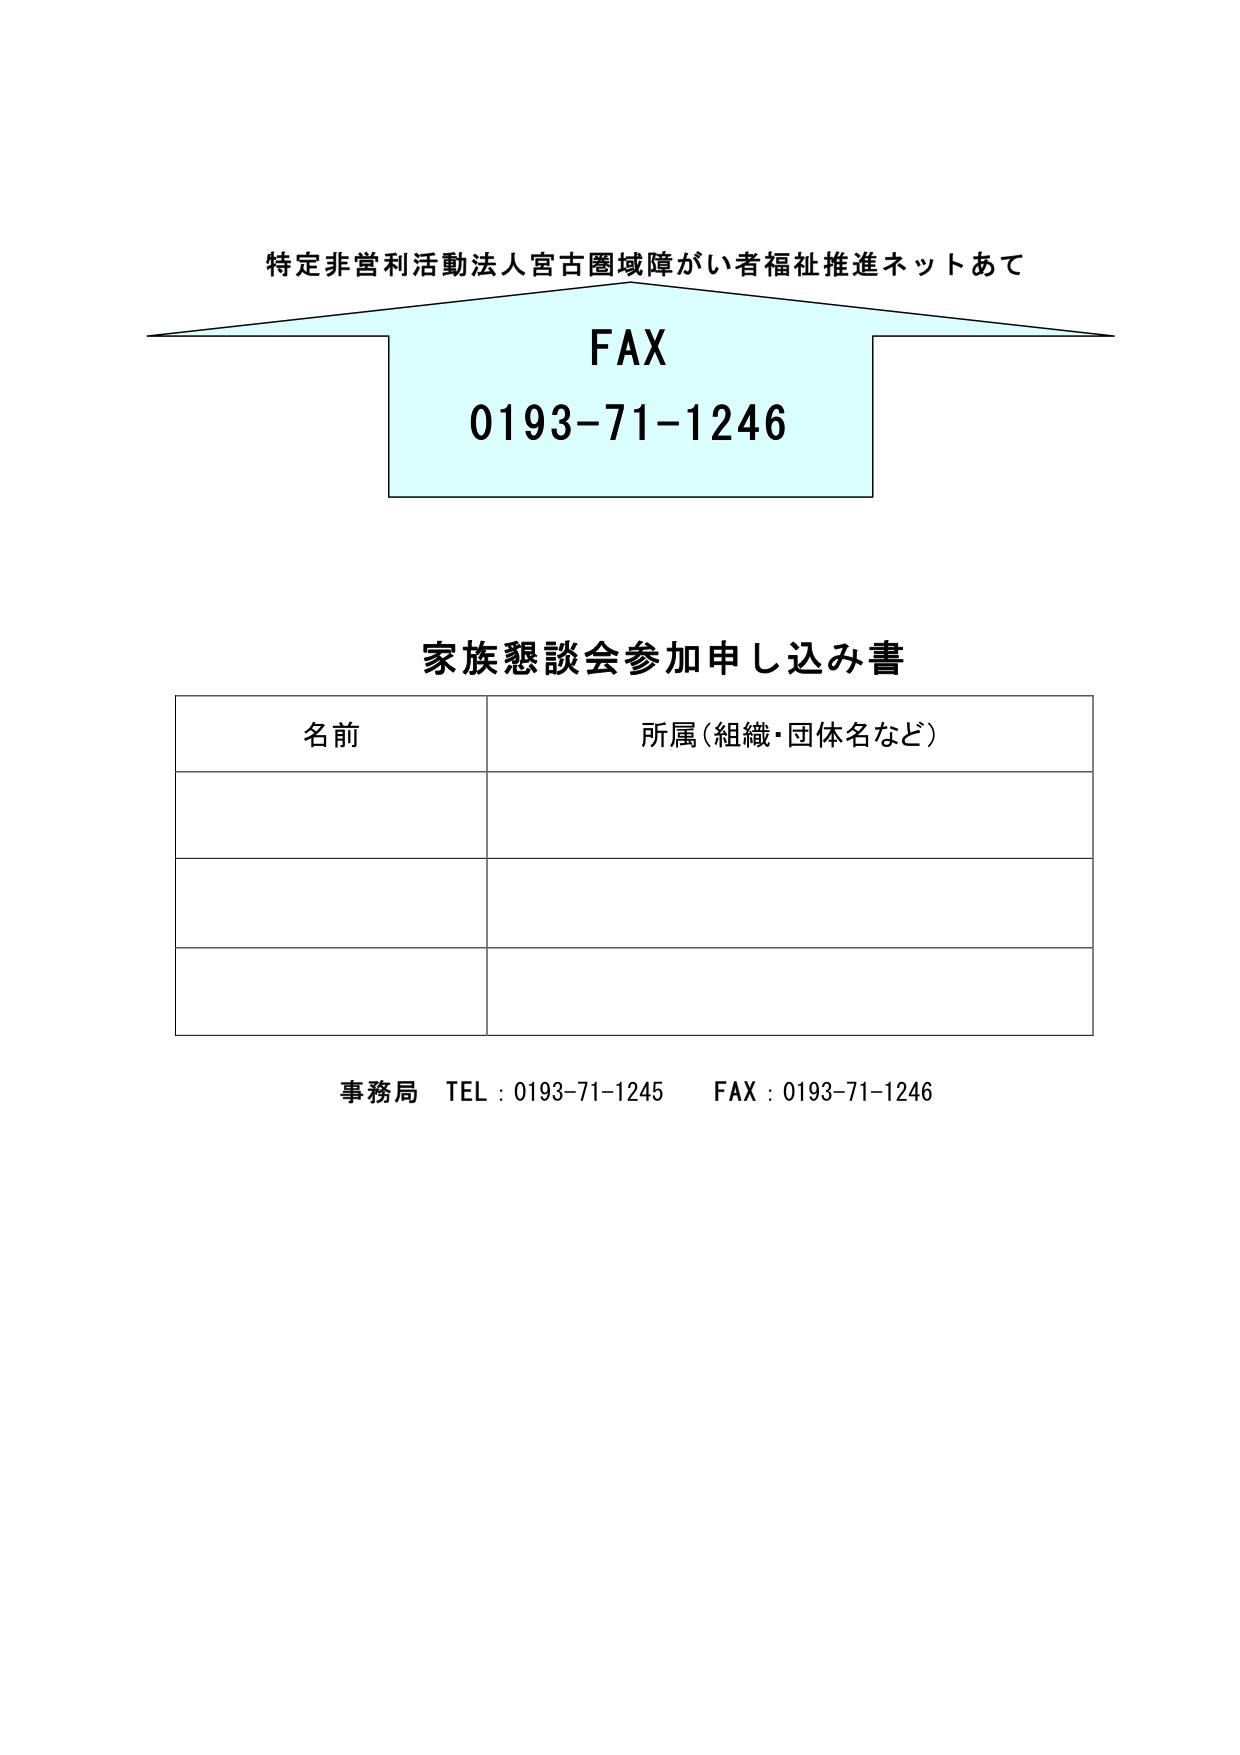 レインボーネット「家族懇談会」(2011年11月20日)_a0103650_22163681.jpg